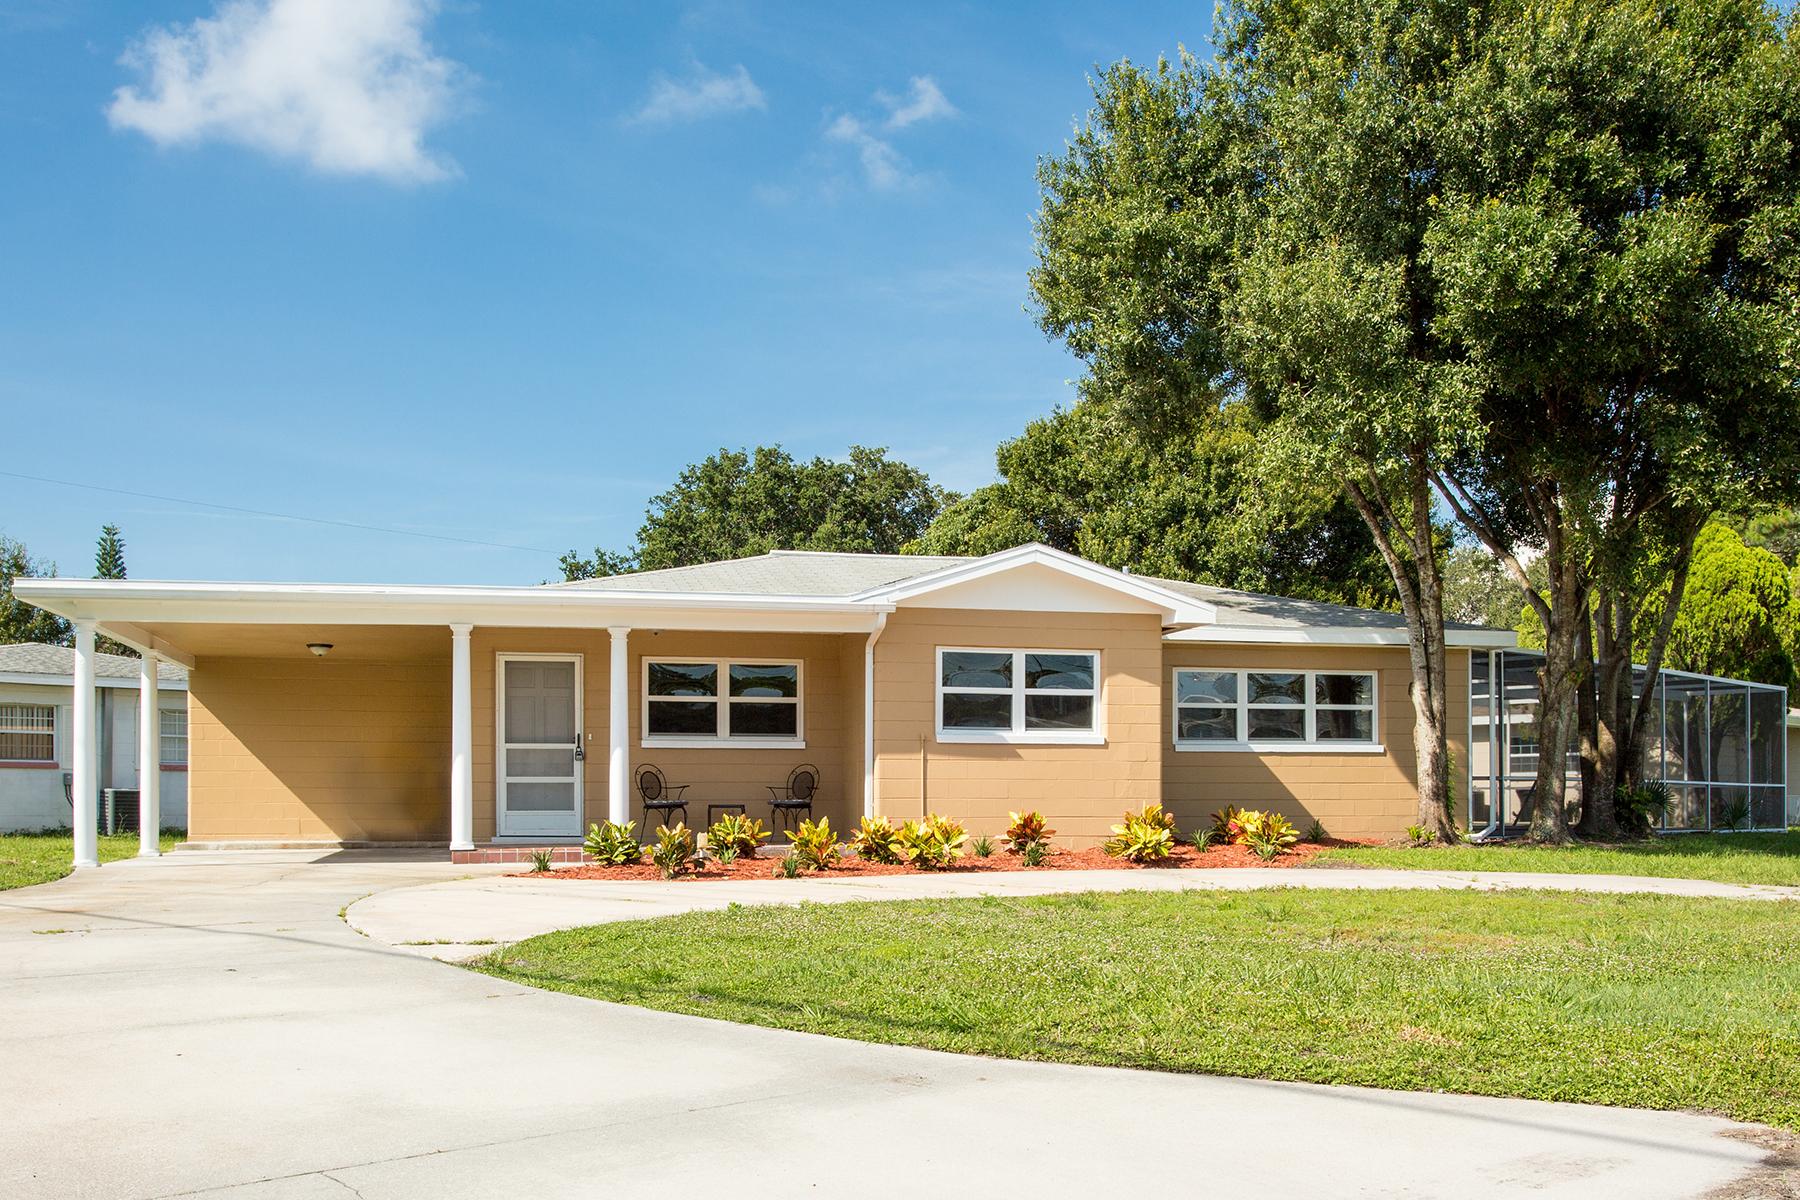 단독 가정 주택 용 매매 에 GULFPORT 1801 58th St S Gulfport, 플로리다 33707 미국